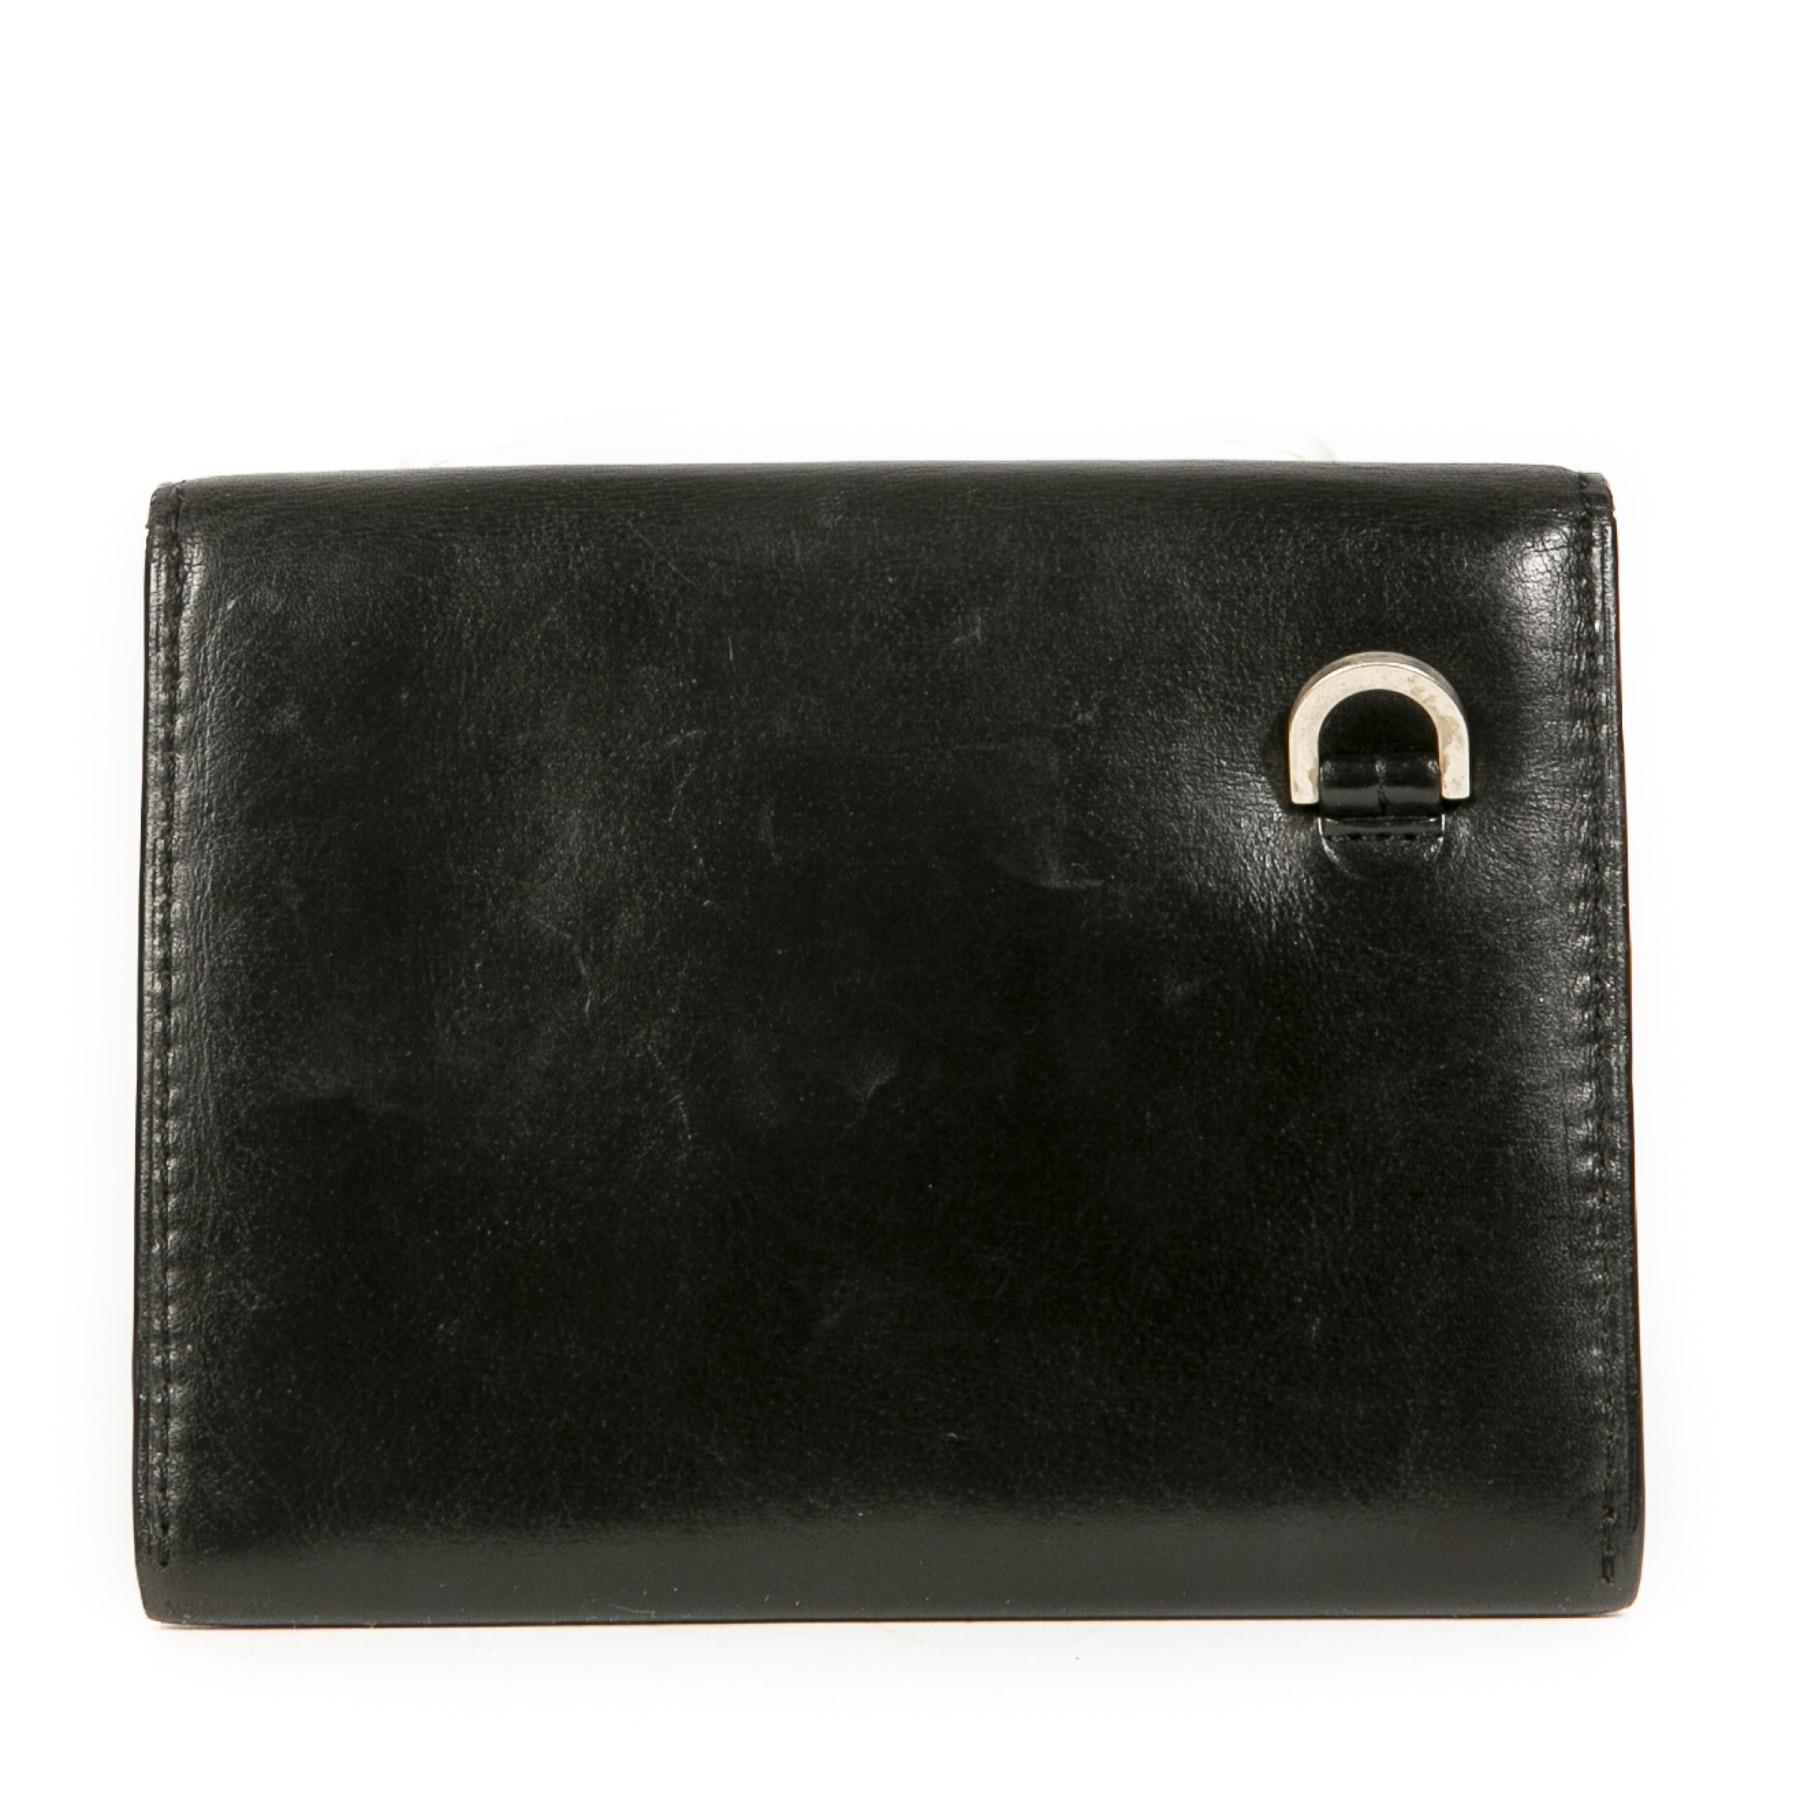 Authentieke Tweedehands Delvaux Black Wallet juiste prijs veilig online shoppen luxe merken webshop winkelen Antwerpen België mode fashion